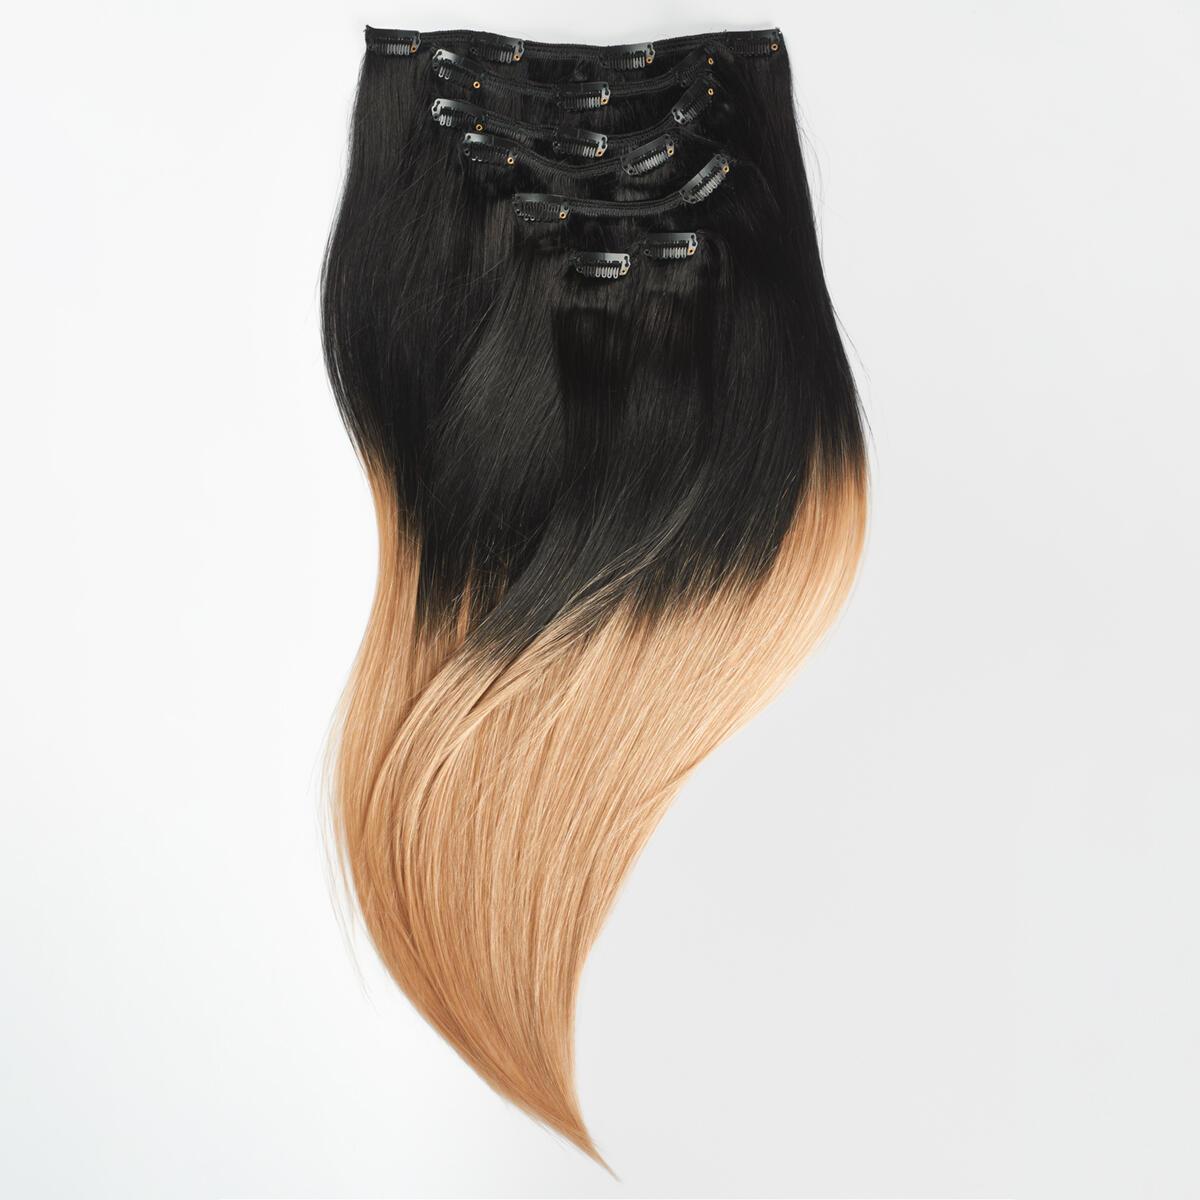 Clip-on set Premium 7 pieces O1.2/7.5 Black Blond Ombre 50 cm